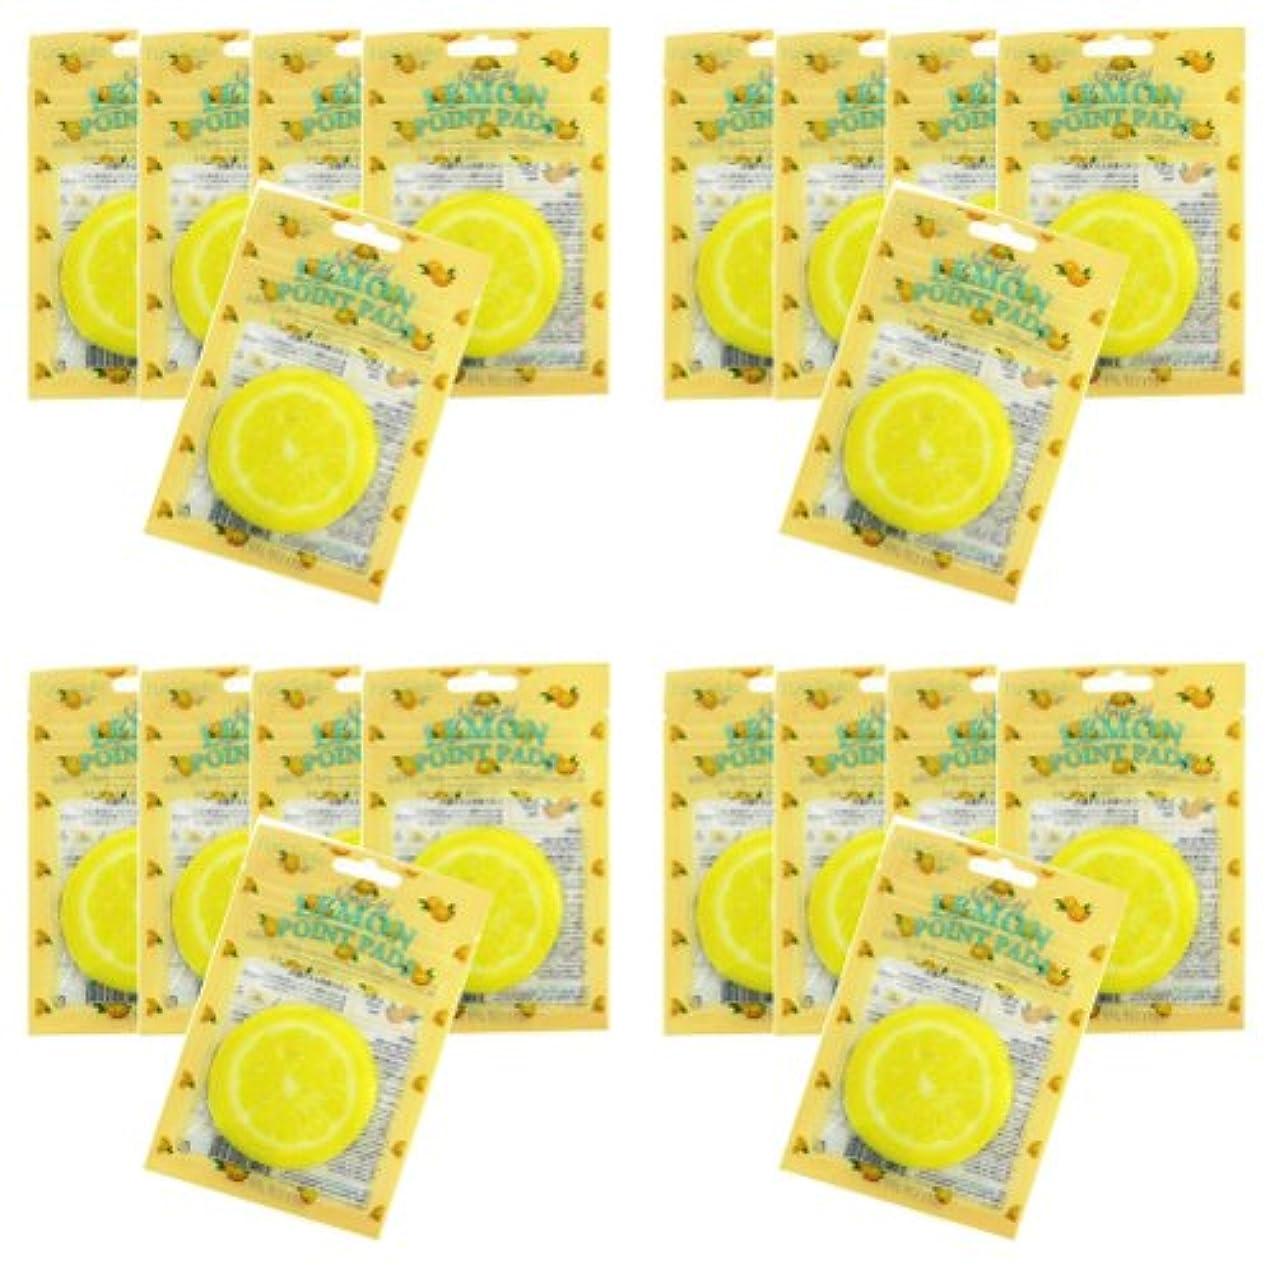 死の顎南東部族ピュアスマイル ジューシーポイントパッド レモン20パックセット(1パック10枚入 合計200枚)